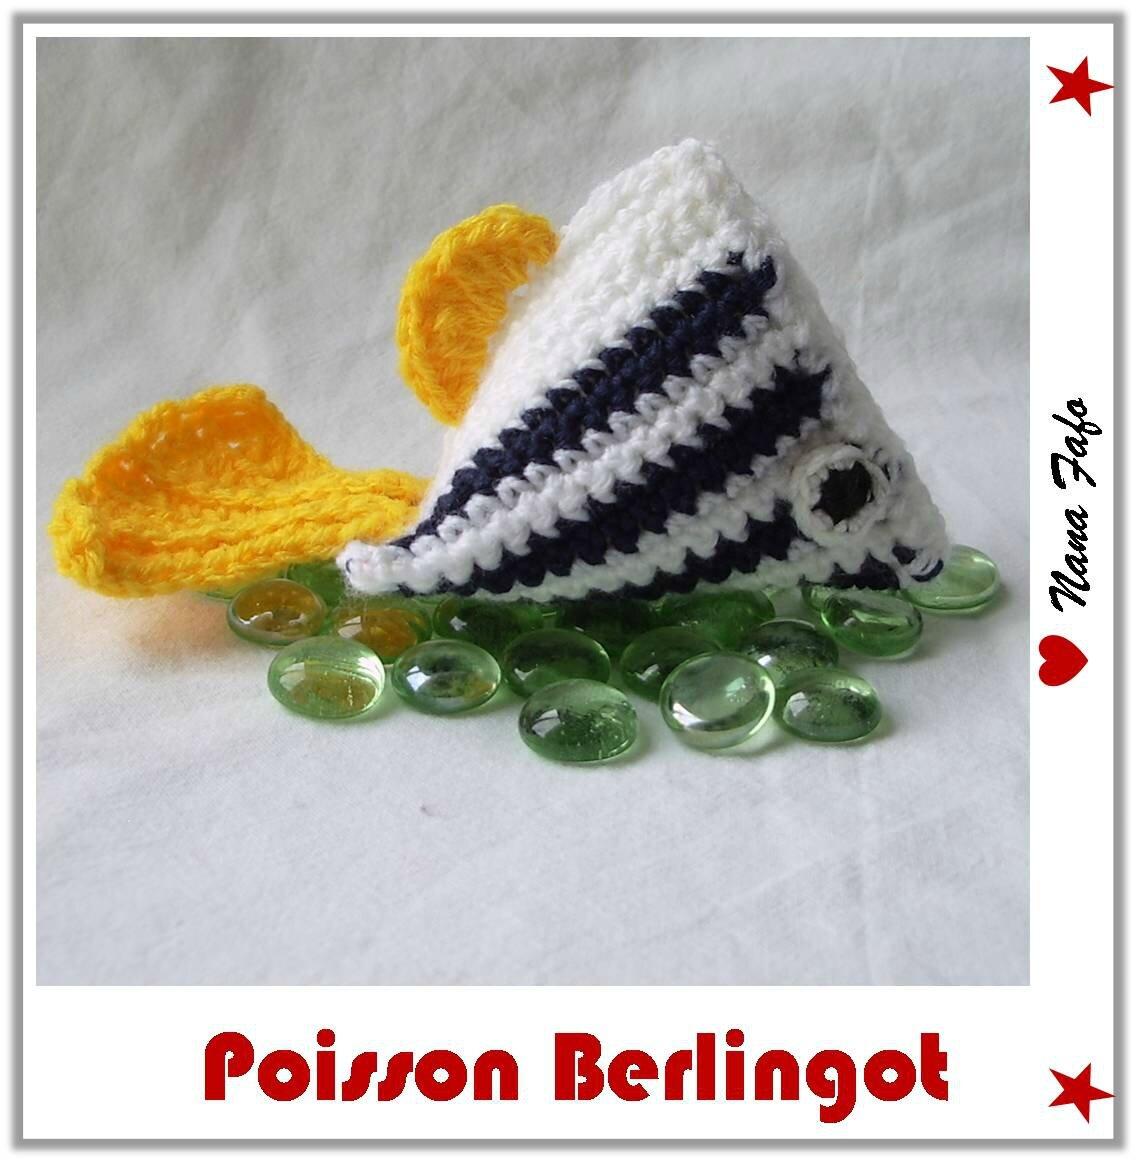 Poisson Berlingot